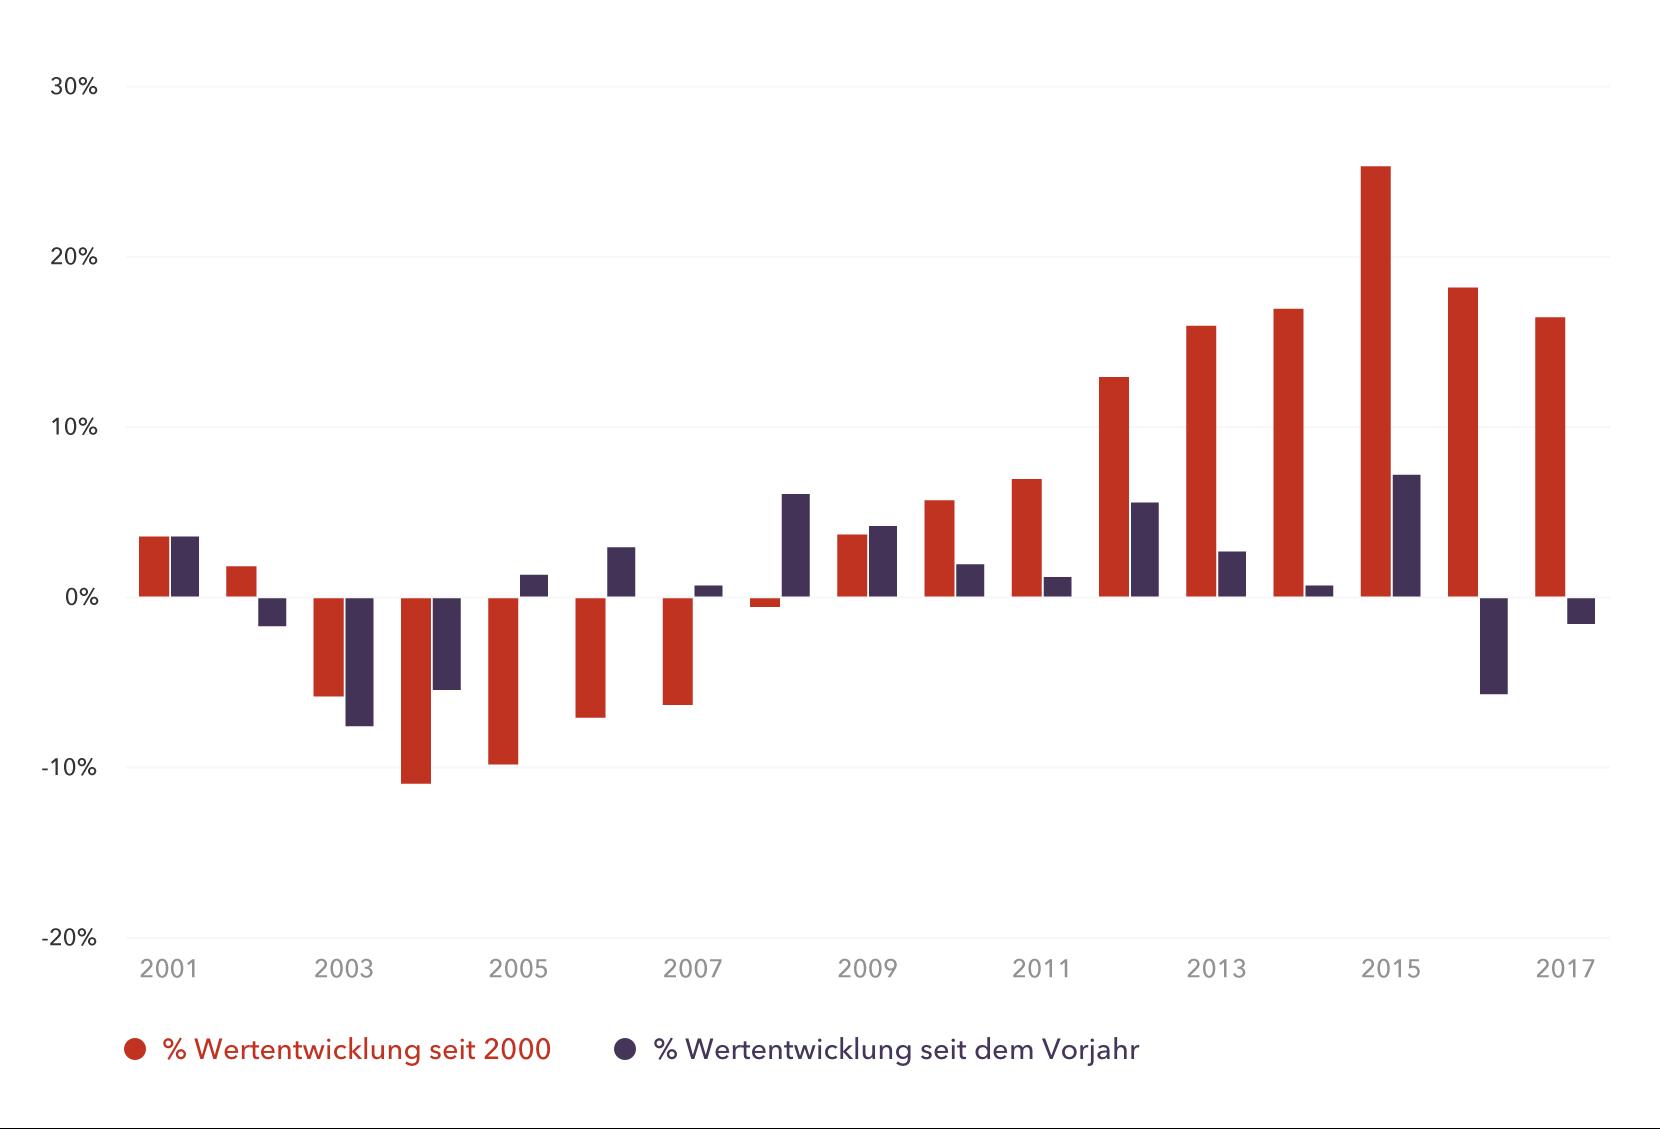 Wertentwicklung RMB seit 2000